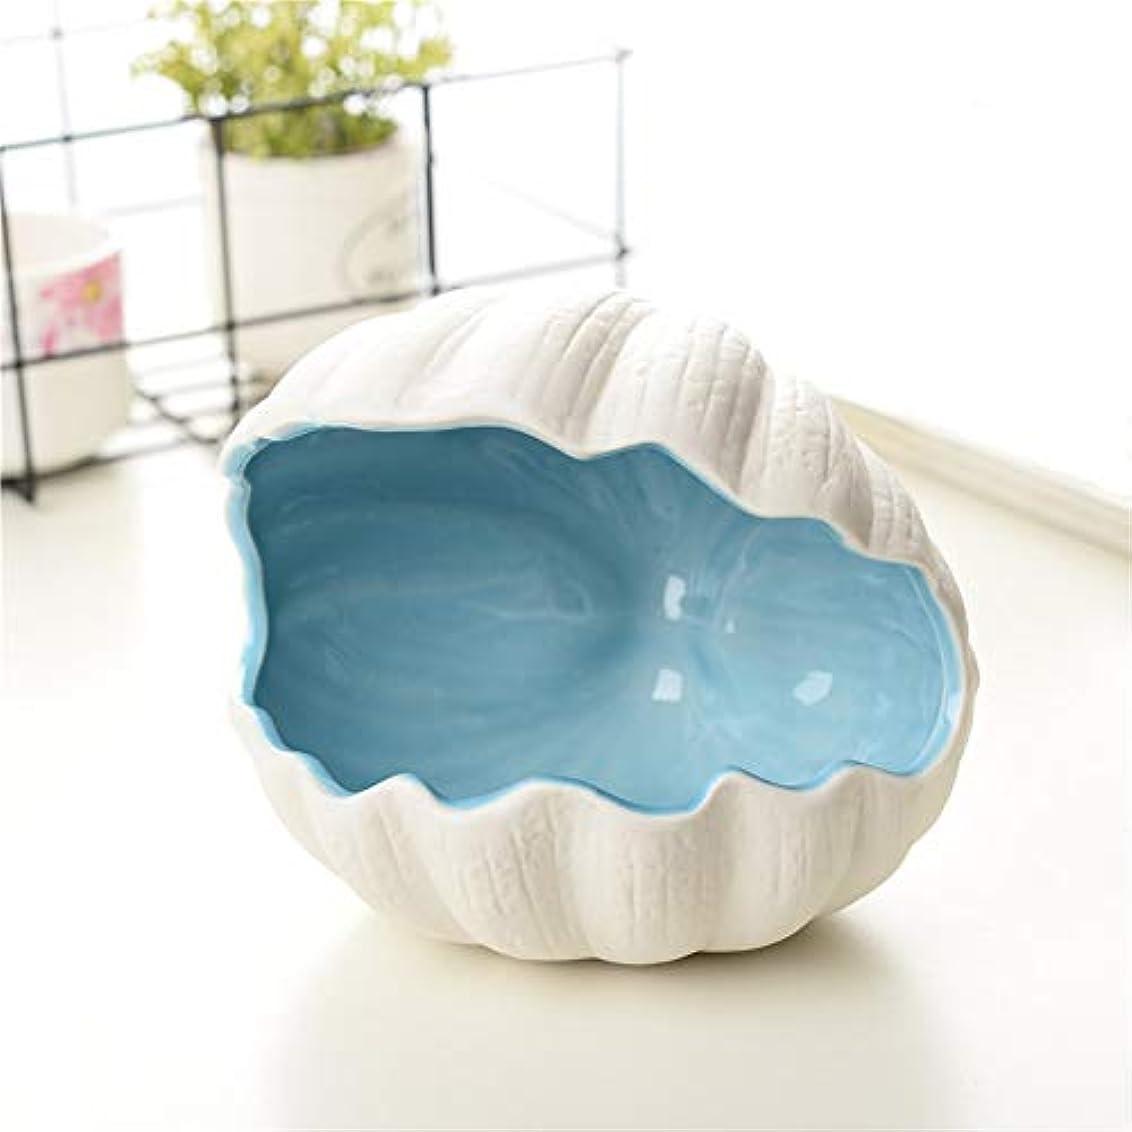 芝生代理店援助するタバコ、ギフトおよびホームオフィスの装飾のための灰皿セラミックシェル灰皿 (色 : 青)